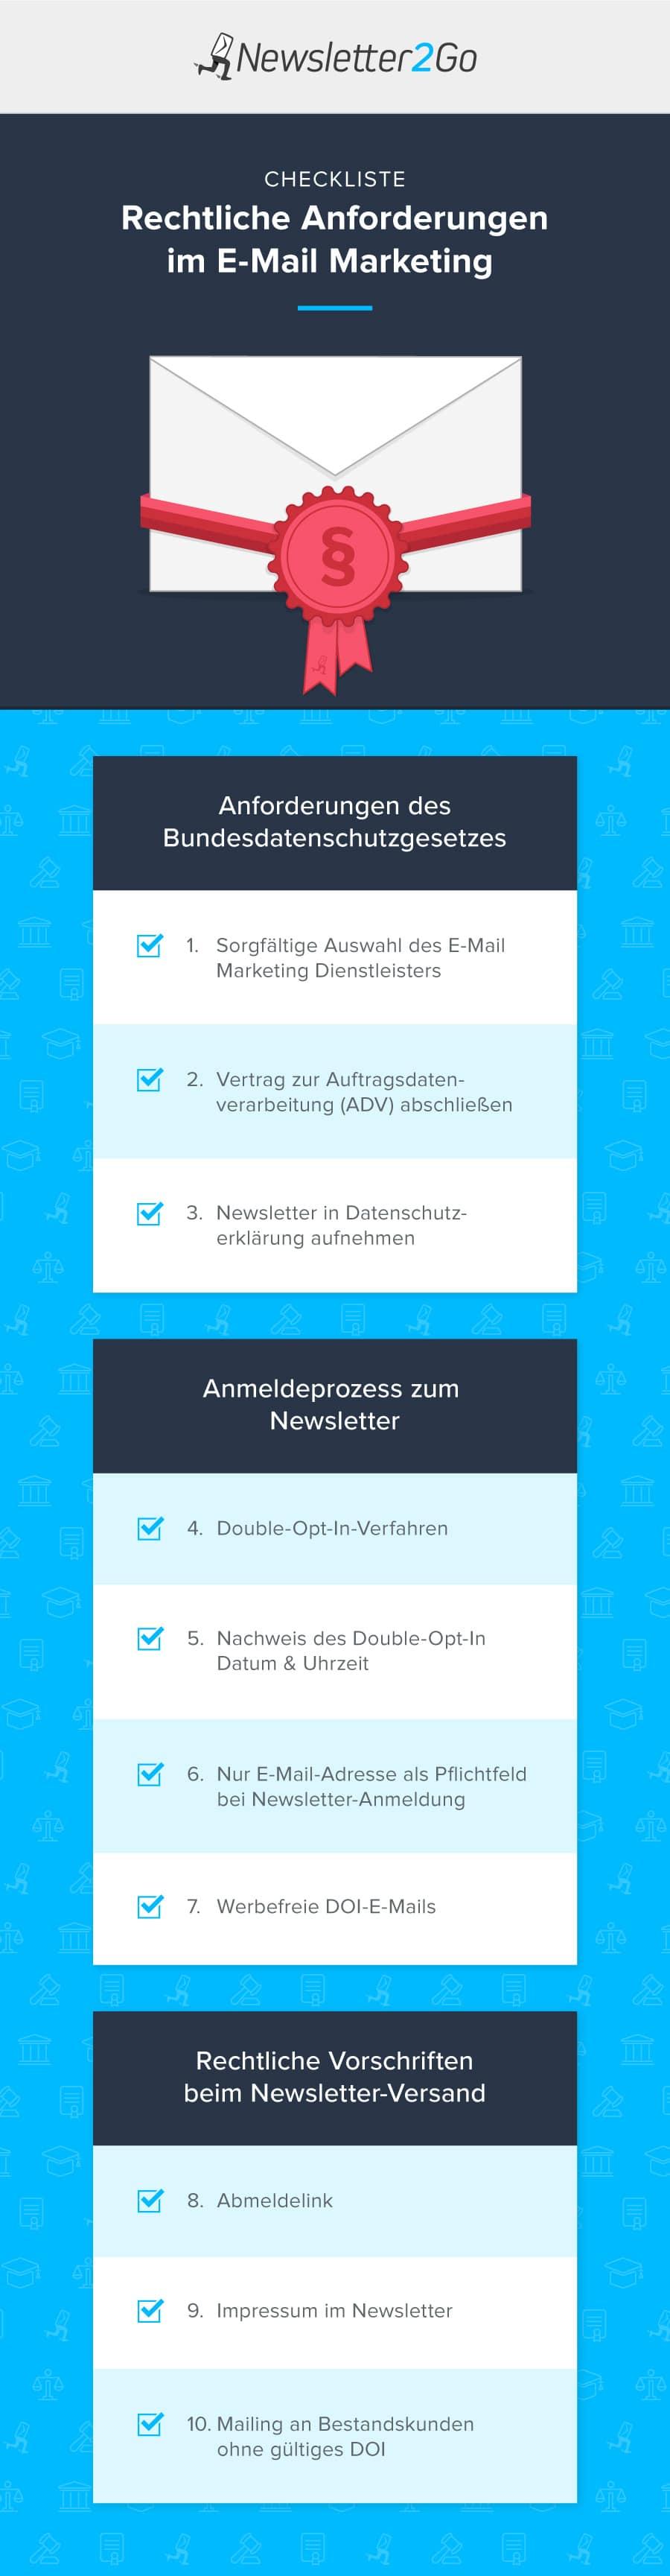 E-Mail Marketing Datenschutz Checkliste